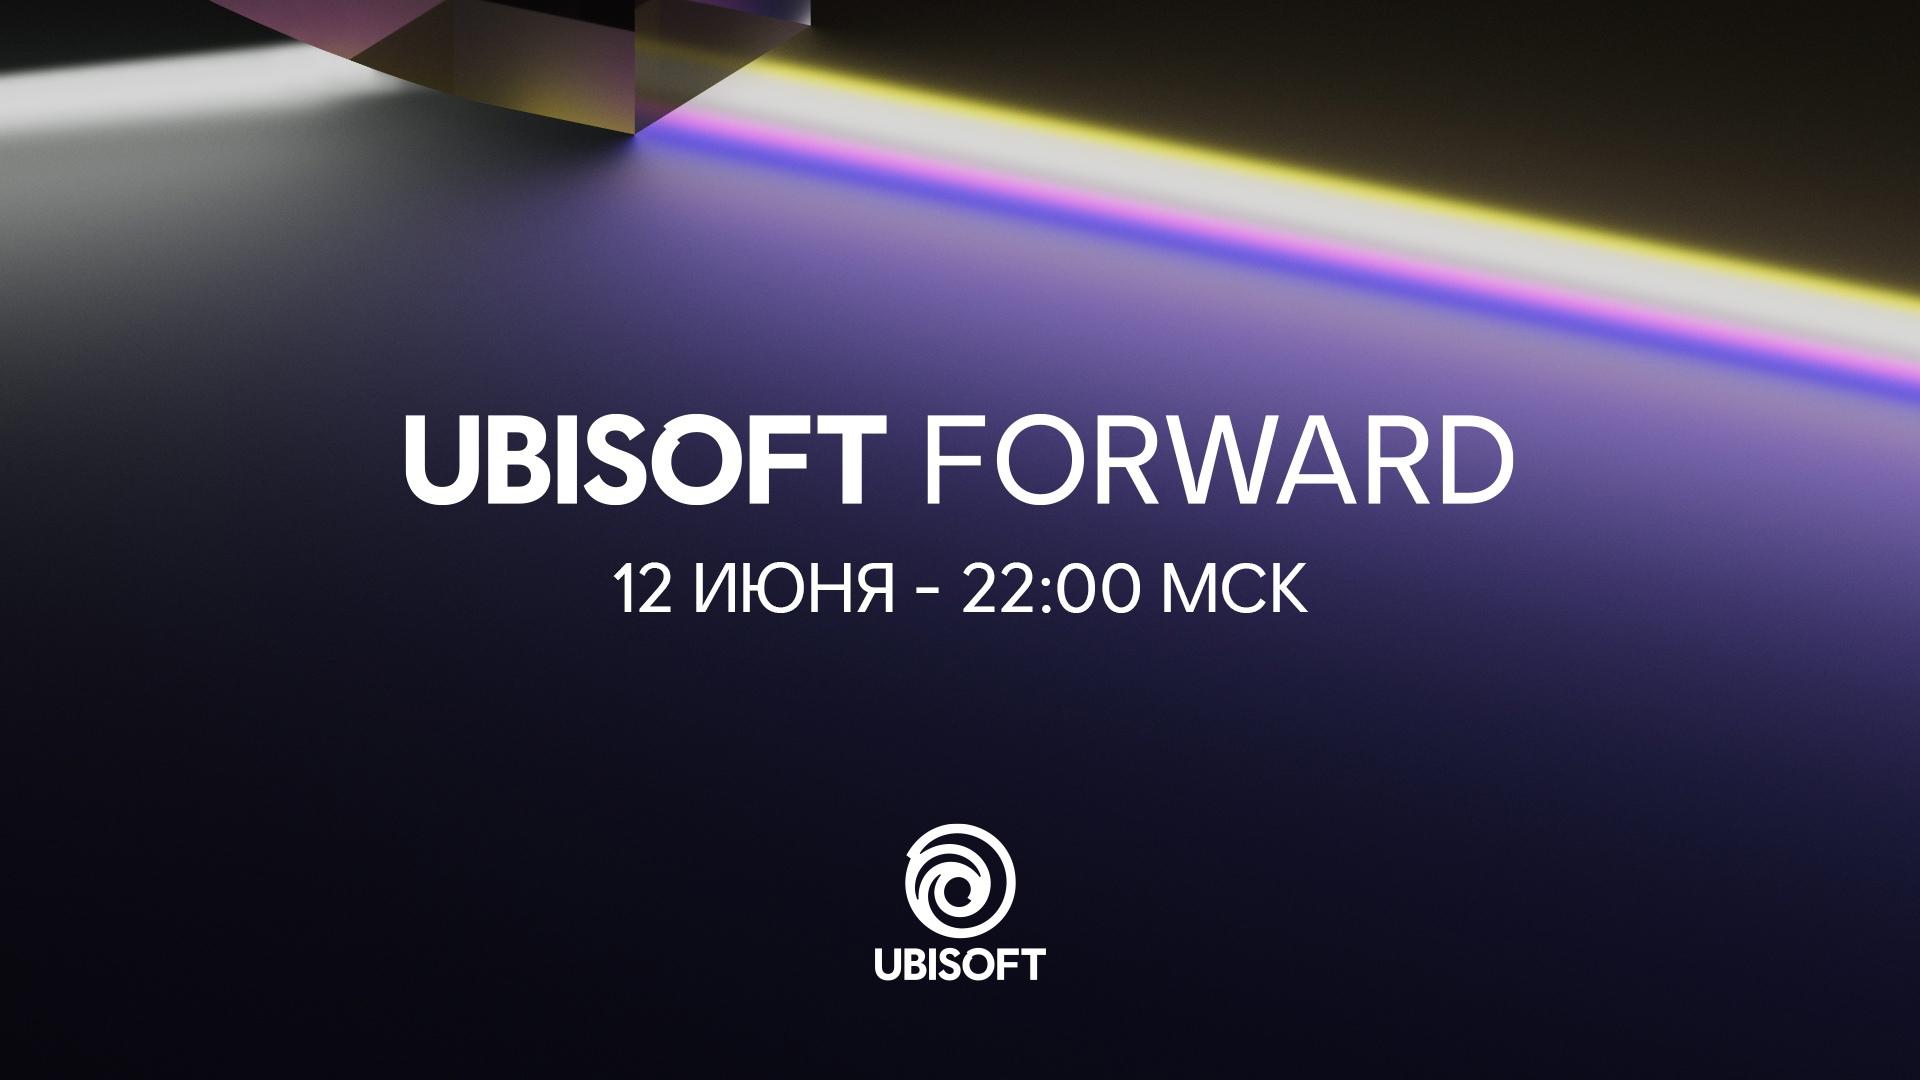 Ubisoft анонсировала мероприятие Ubisoft Forward. На нем покажут трейлеры многих новинок, включая Far Cry 6